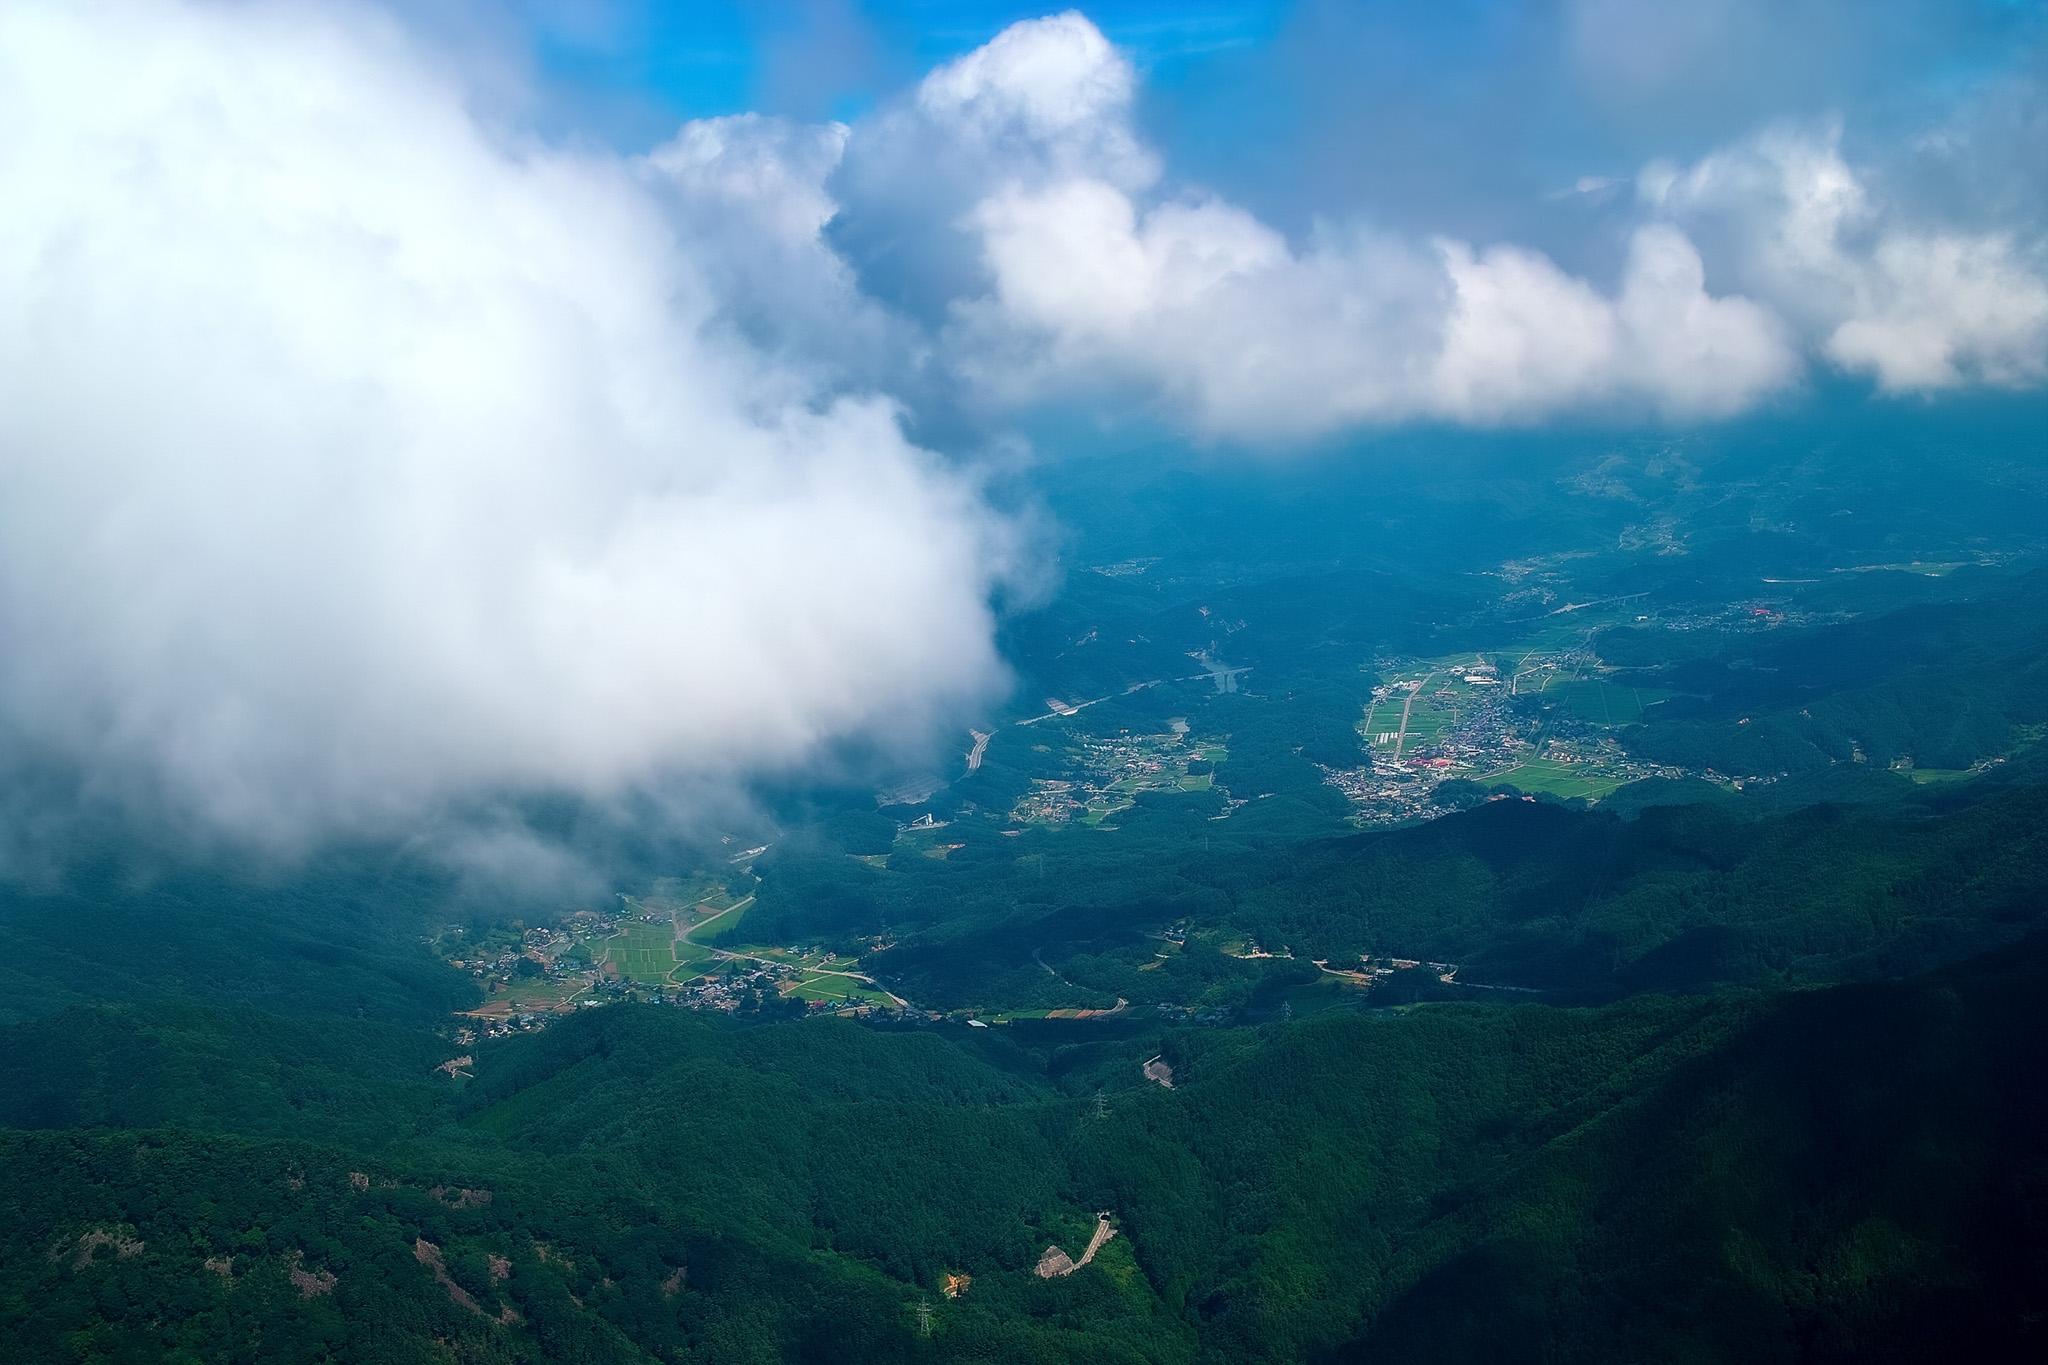 雲の下に見える山間の集落群